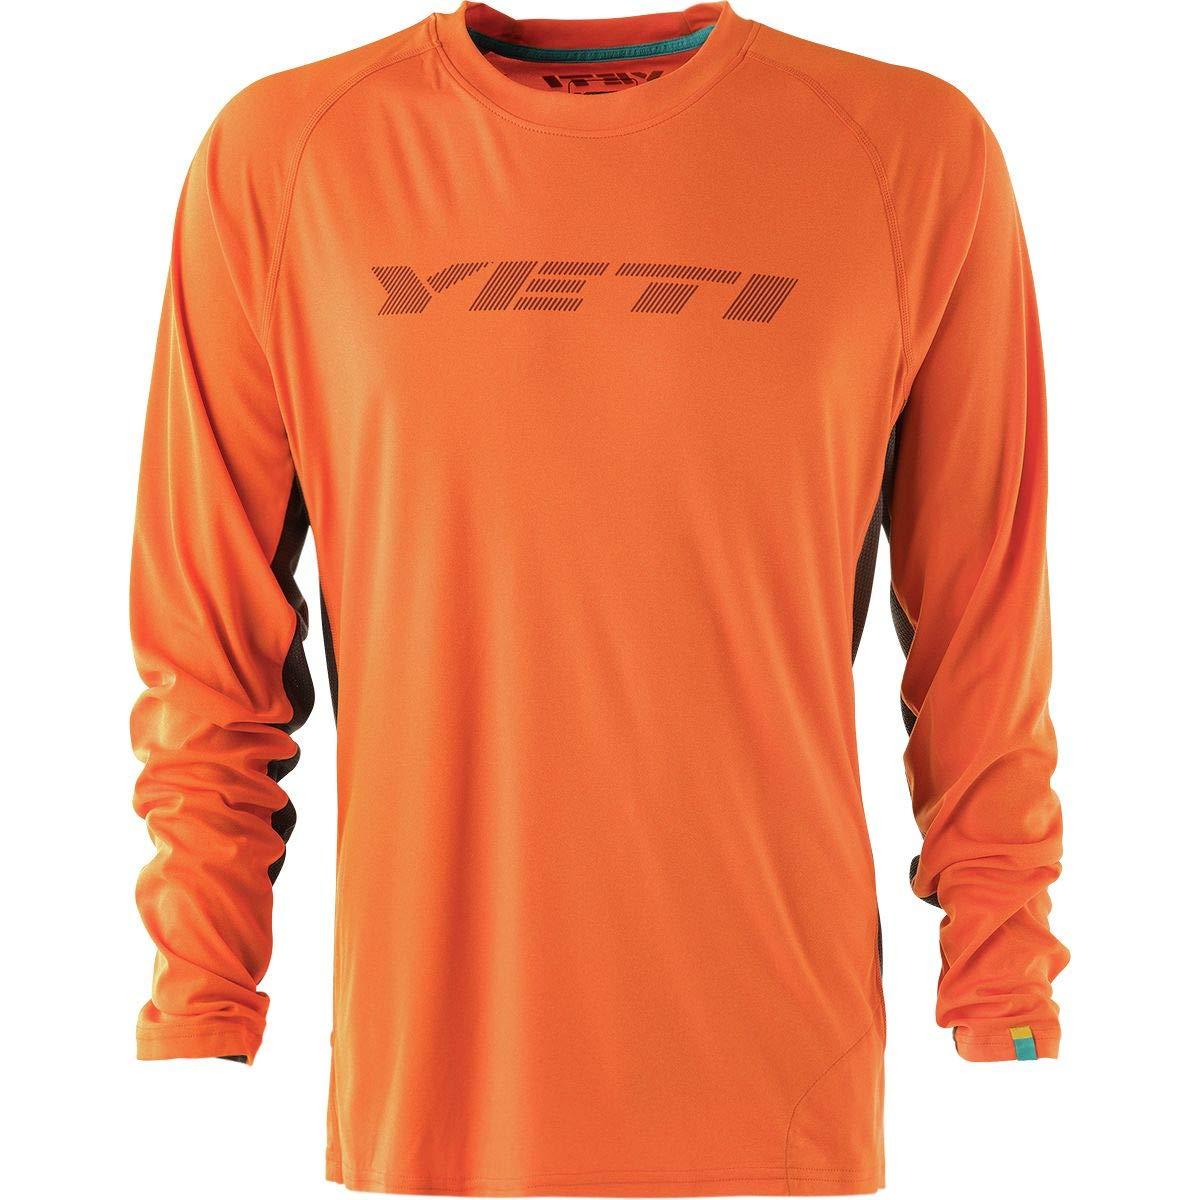 (イエティサイクル) Yeti Cycles Tolland Long-Sleeve Jersey メンズ サイクルジャージOrange [並行輸入品] 日本サイズ L (US M) Orange B07G99GR8V